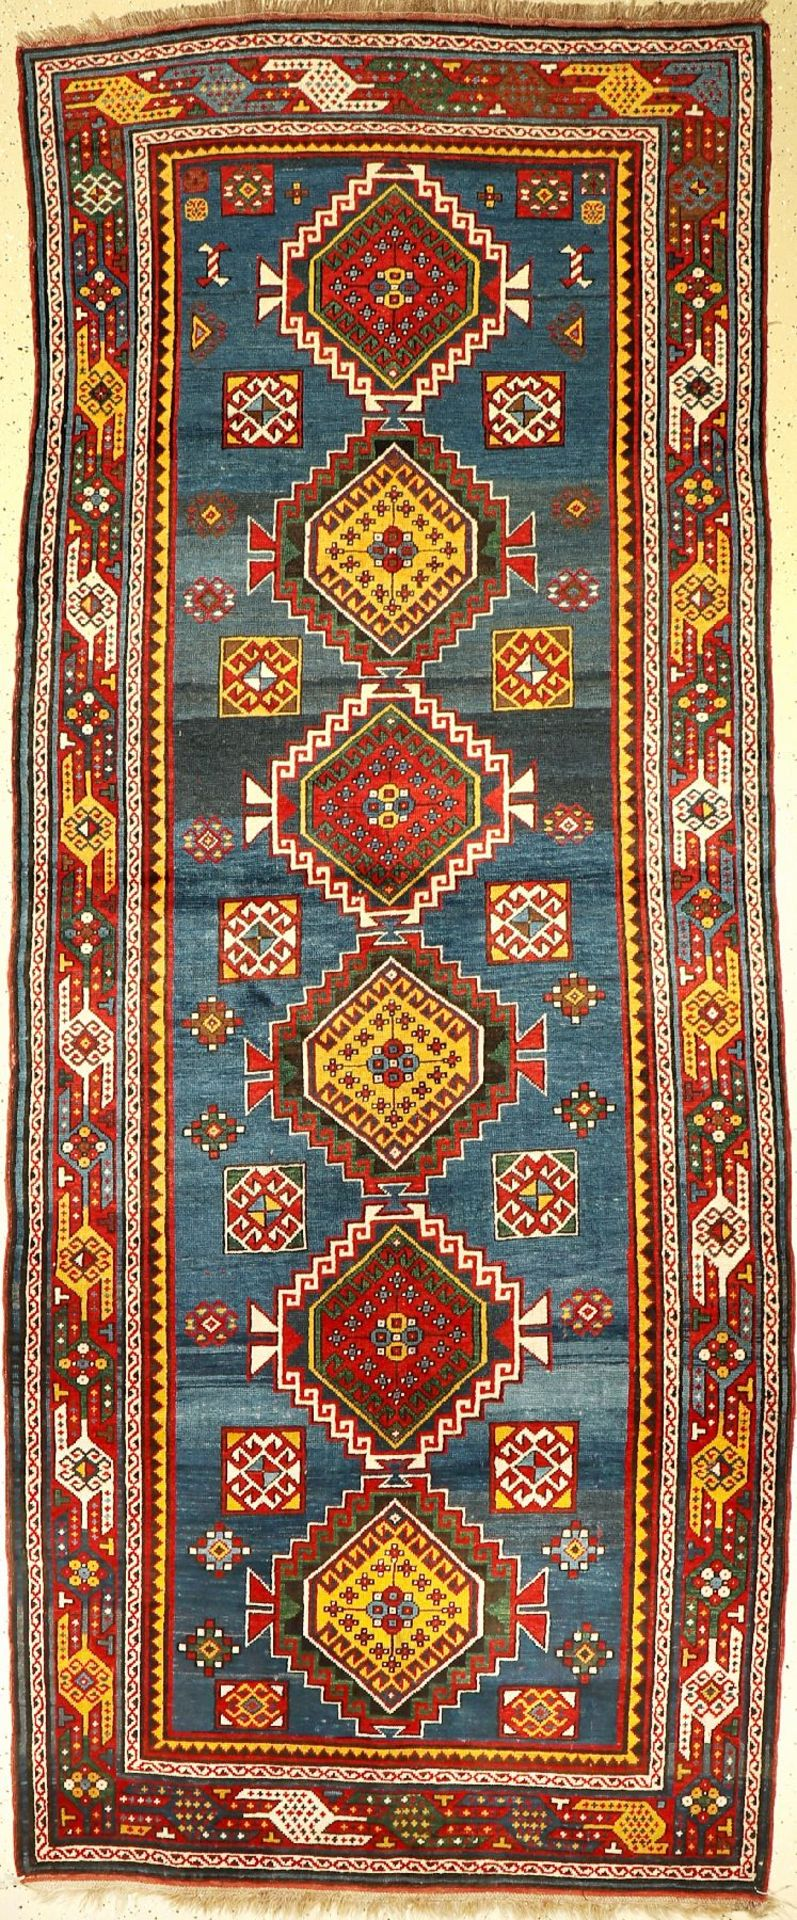 Kasak antik, Kaukasus, um 1900, Wolle auf Wolle, ca. 324 x 130 cm, selten, Sammelwürdig,EHZ: 2,